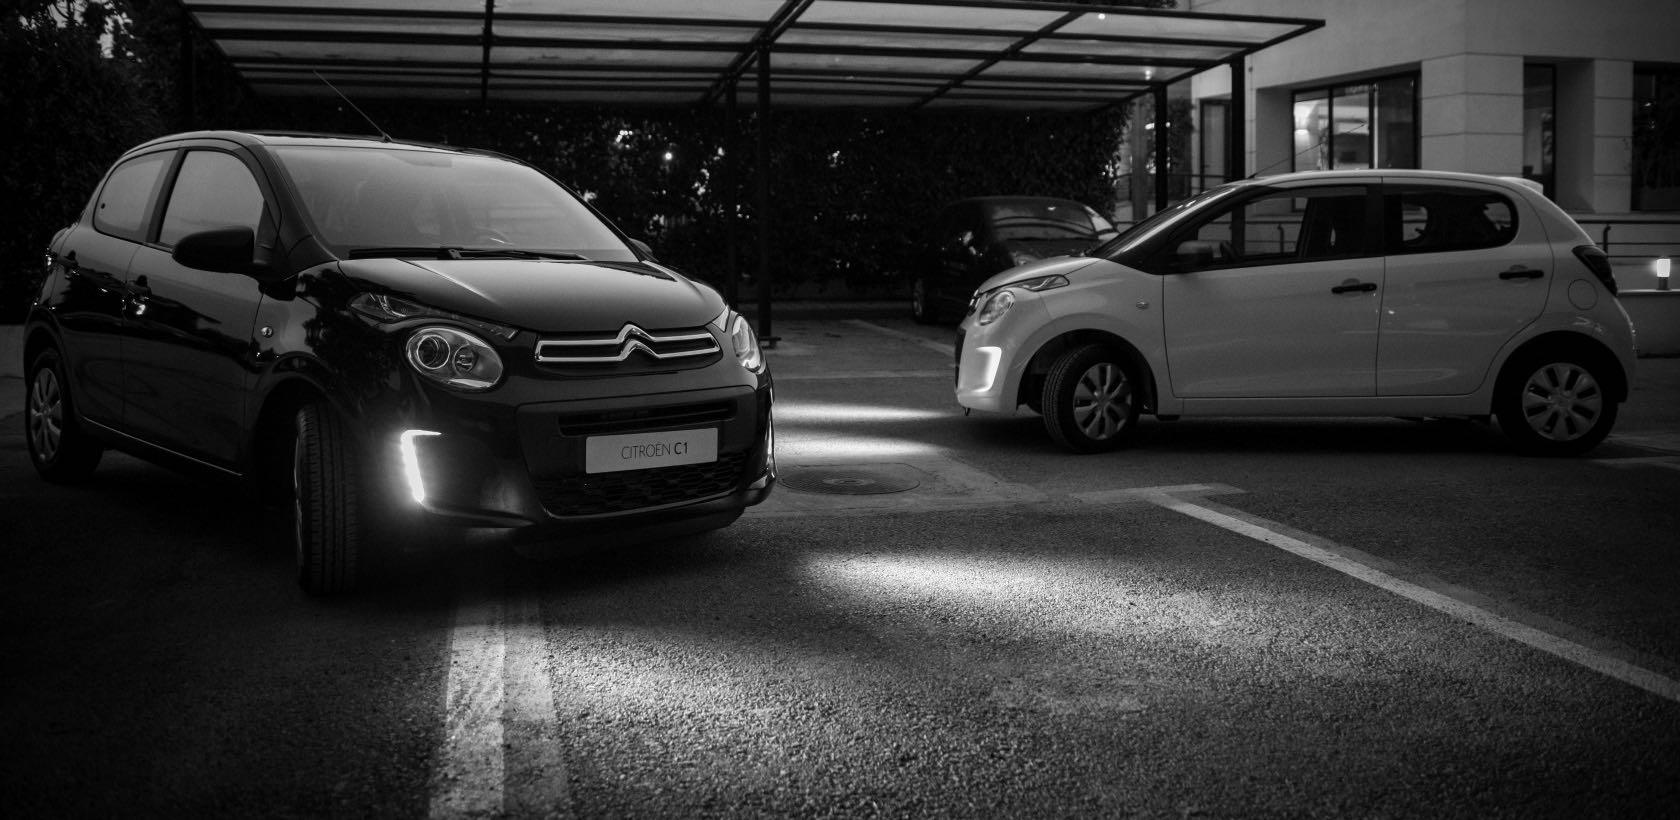 La nouvelle Citroën C1 disponible chez Aures Auto